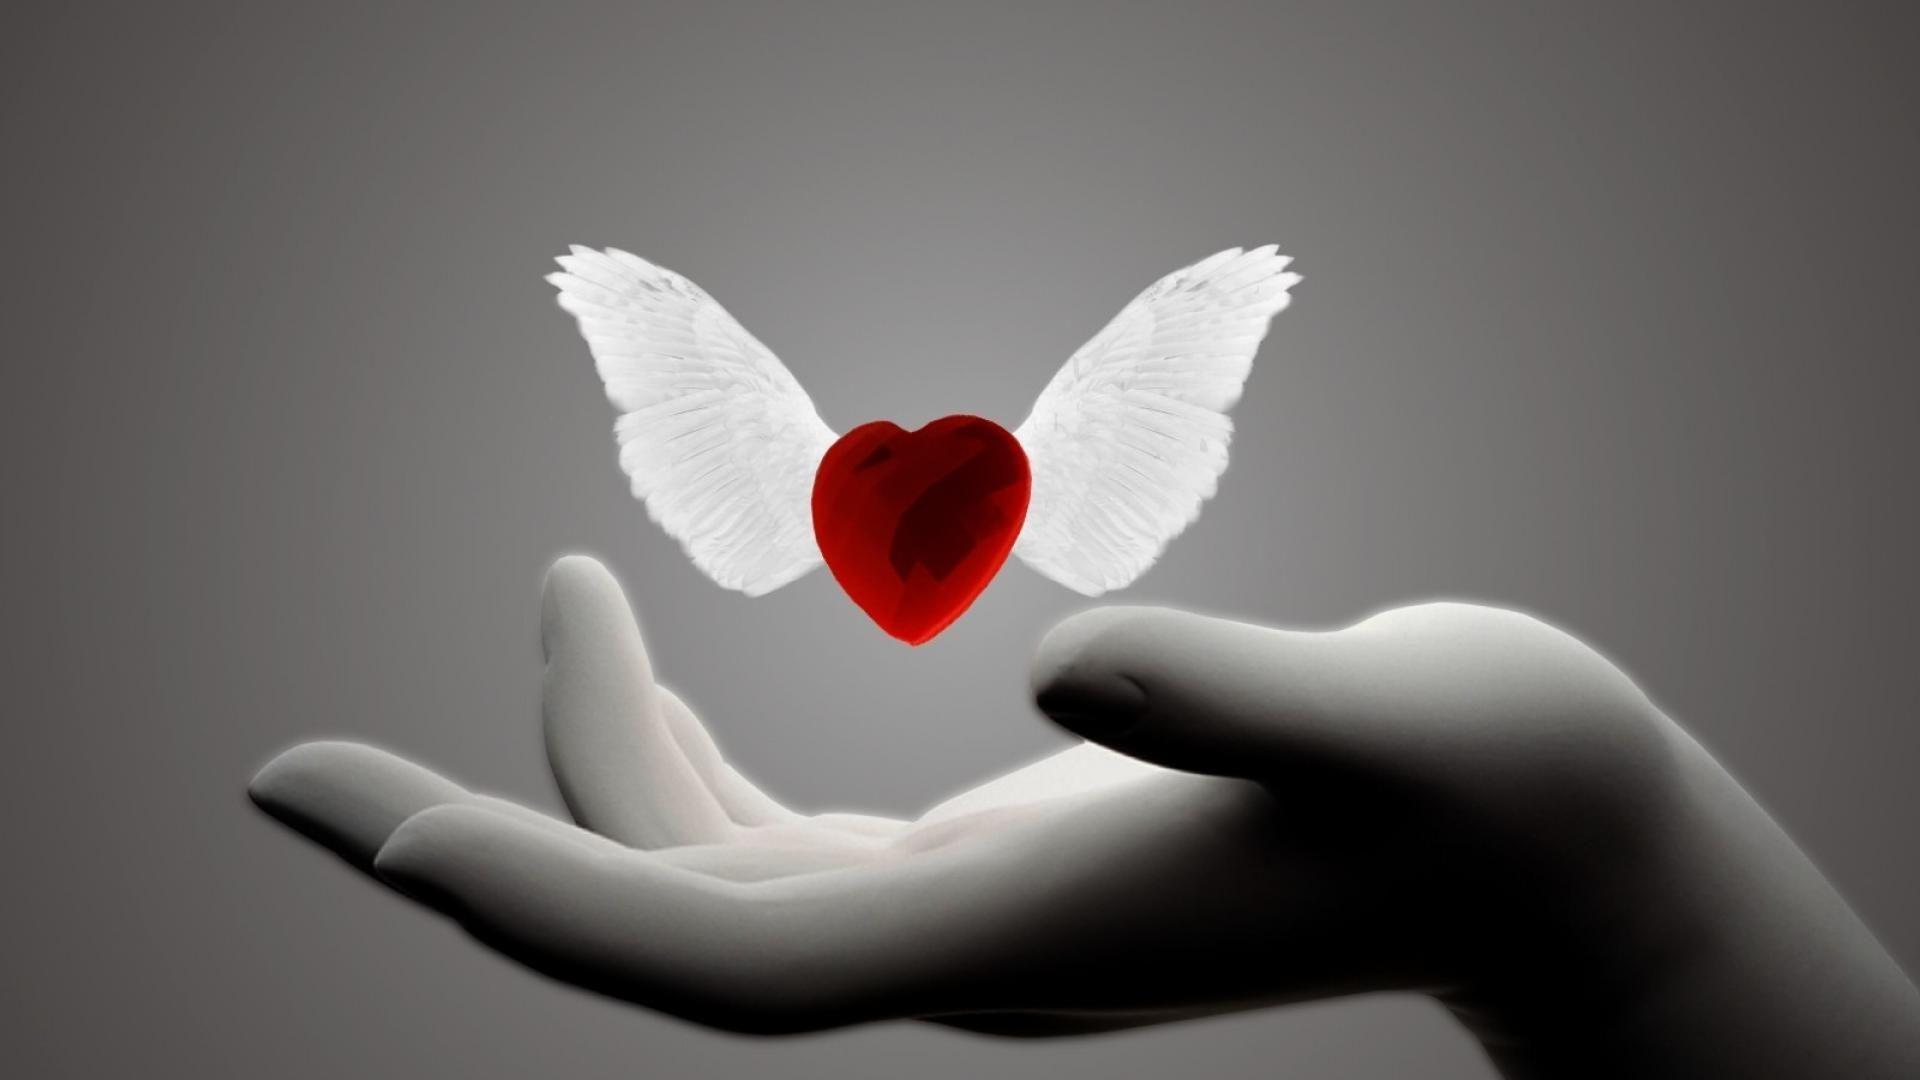 Wallpaper download love hd - Loving Heart Background Wallpaper Hd